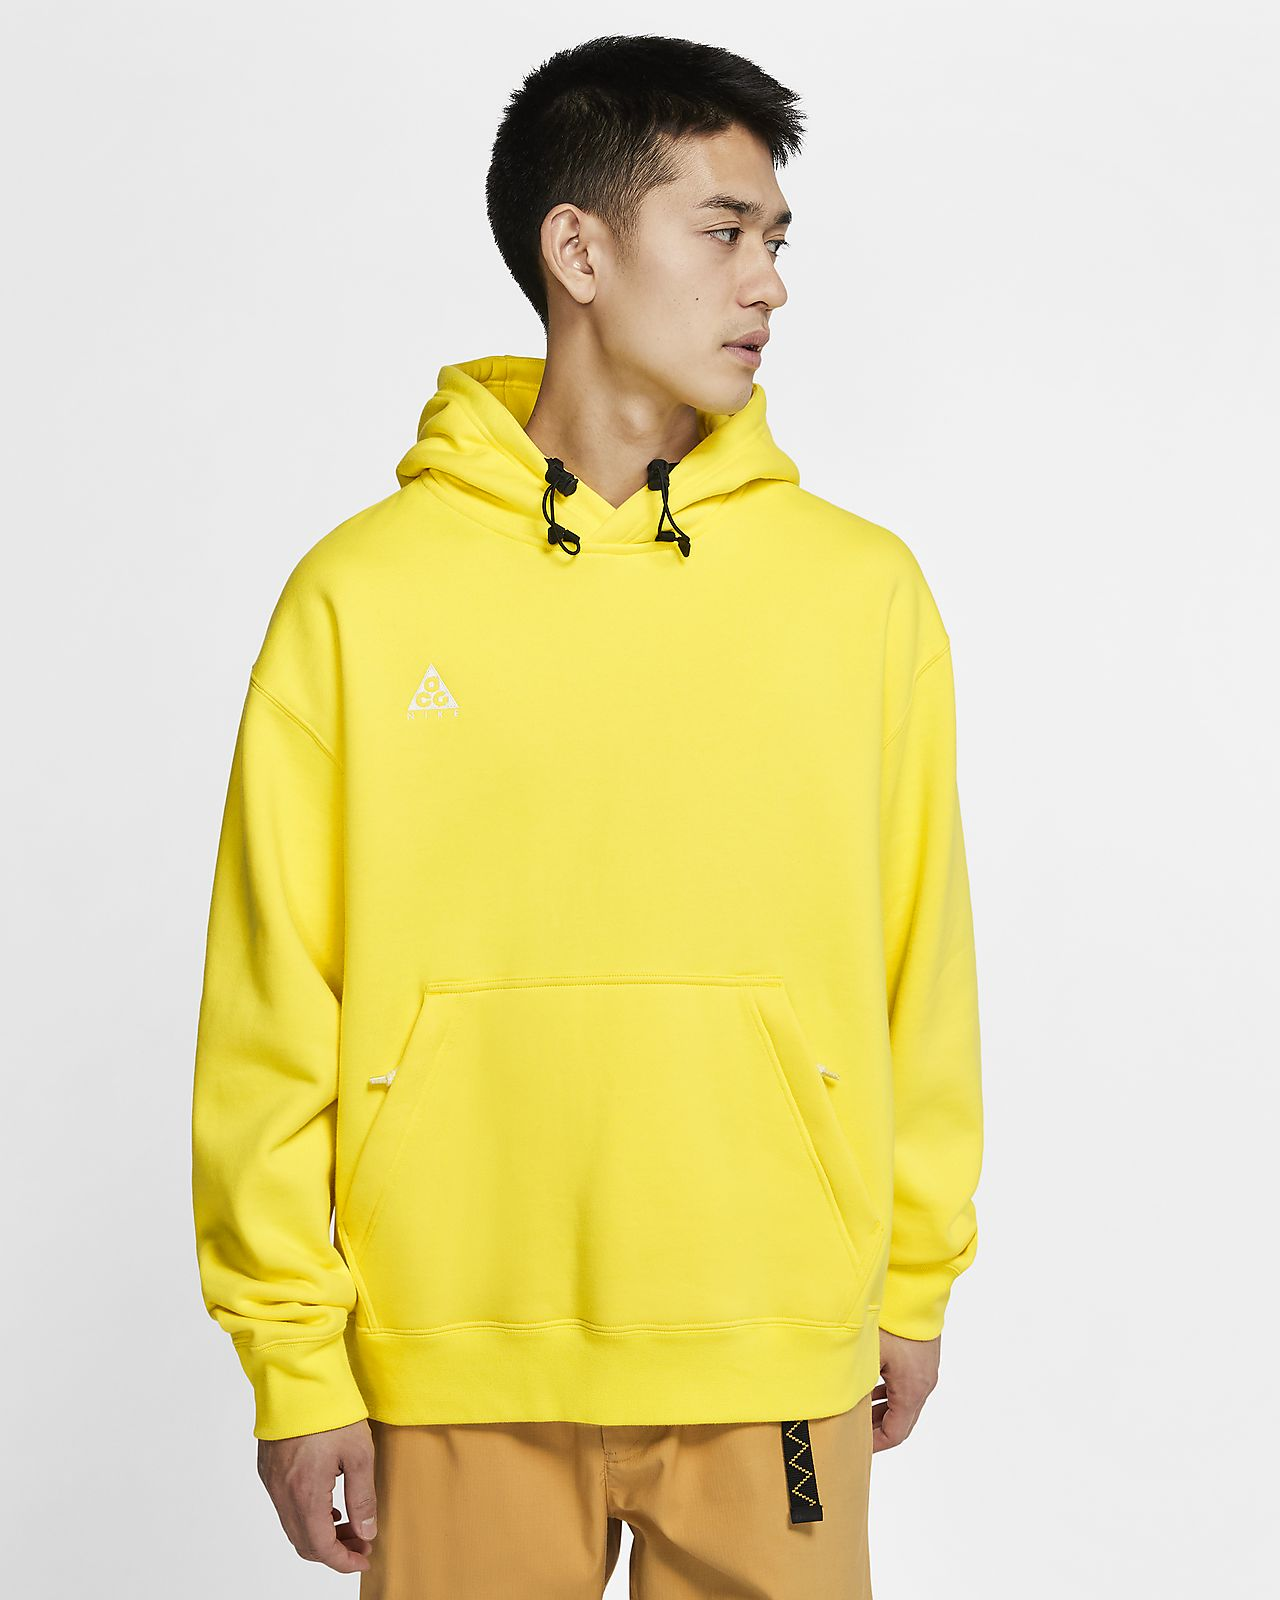 nike store hoodies